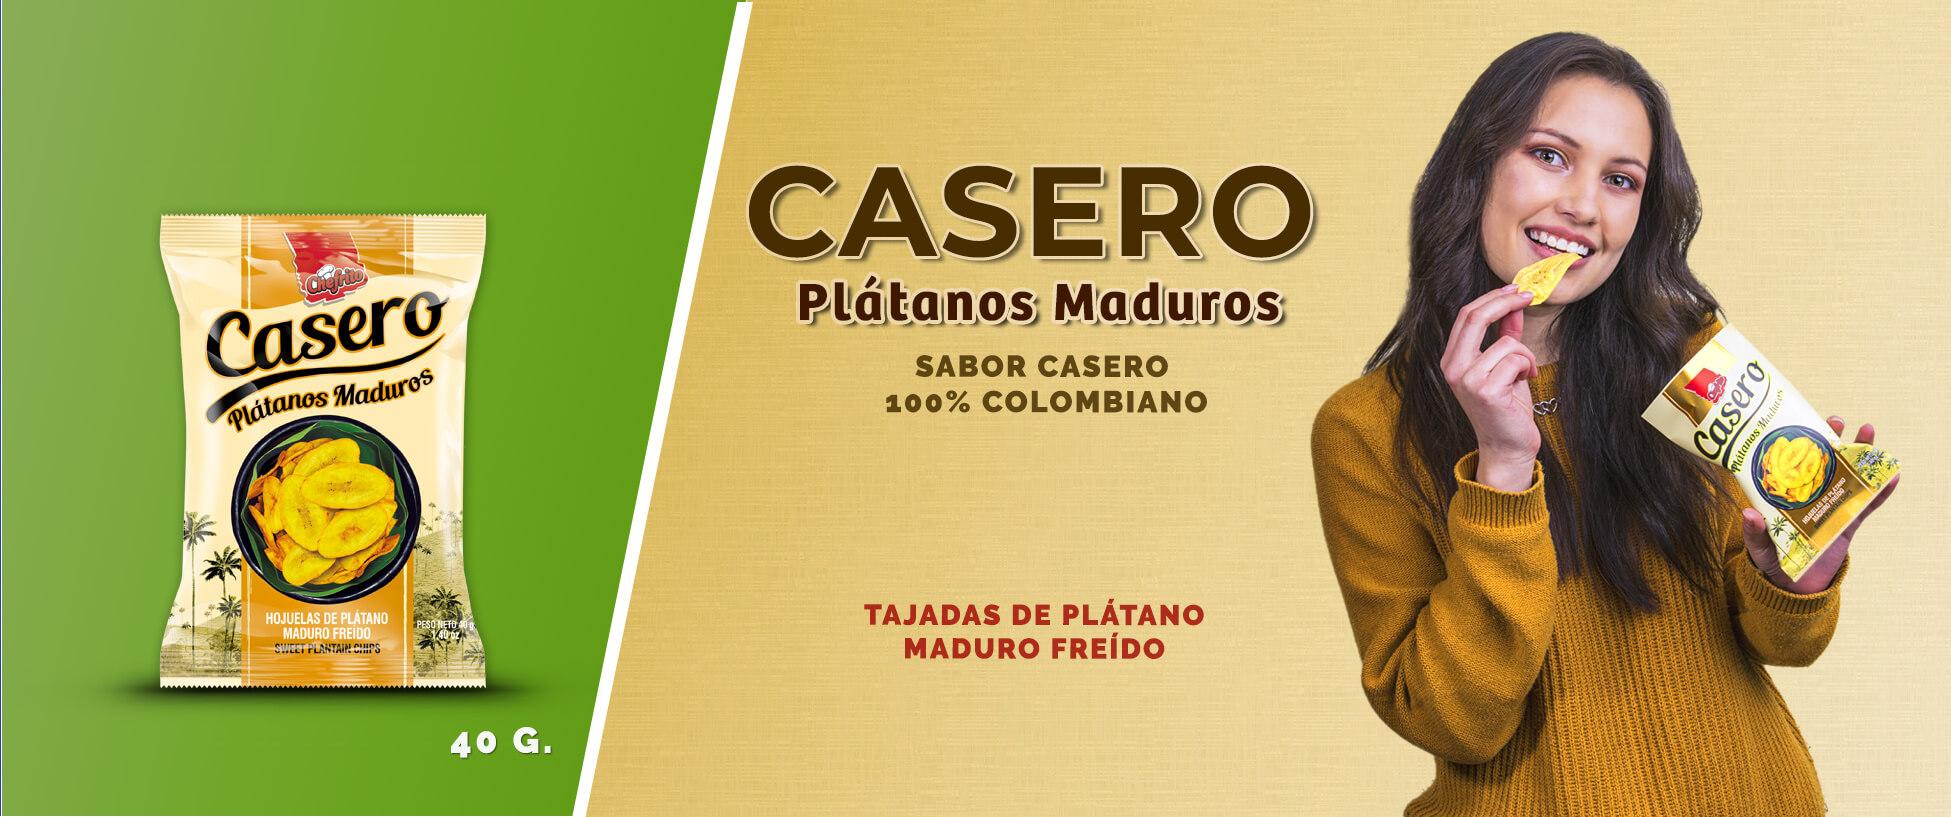 Casero 3